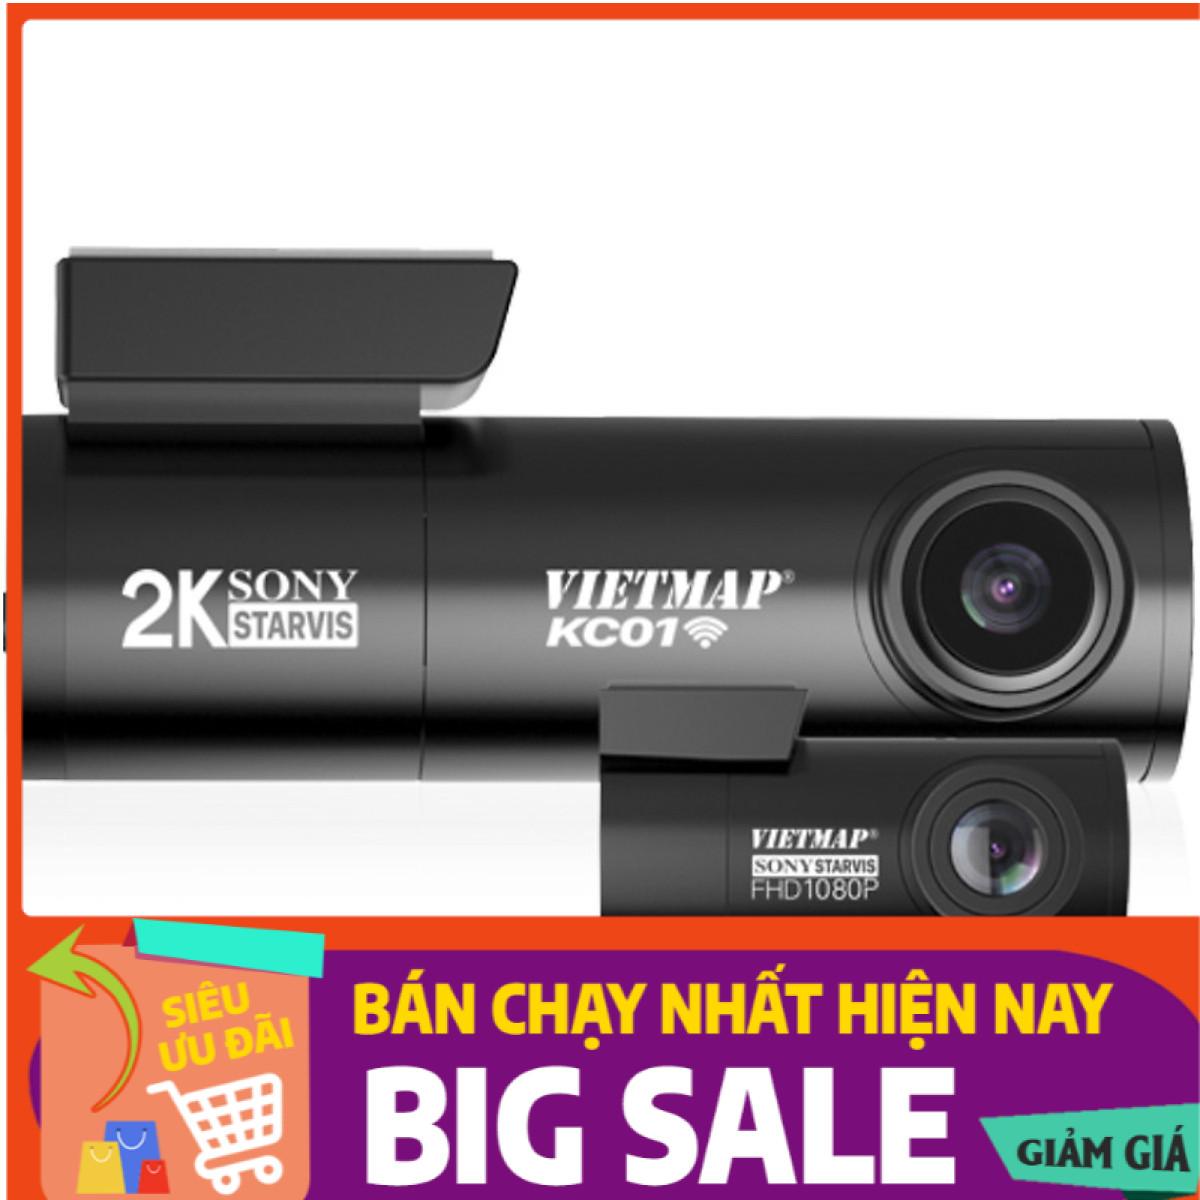 Vietmap kc01 - camera hành trình trước sau thẻ nhớ 32gb - hàng chính hãng -  Sắp xếp theo liên quan sản phẩm